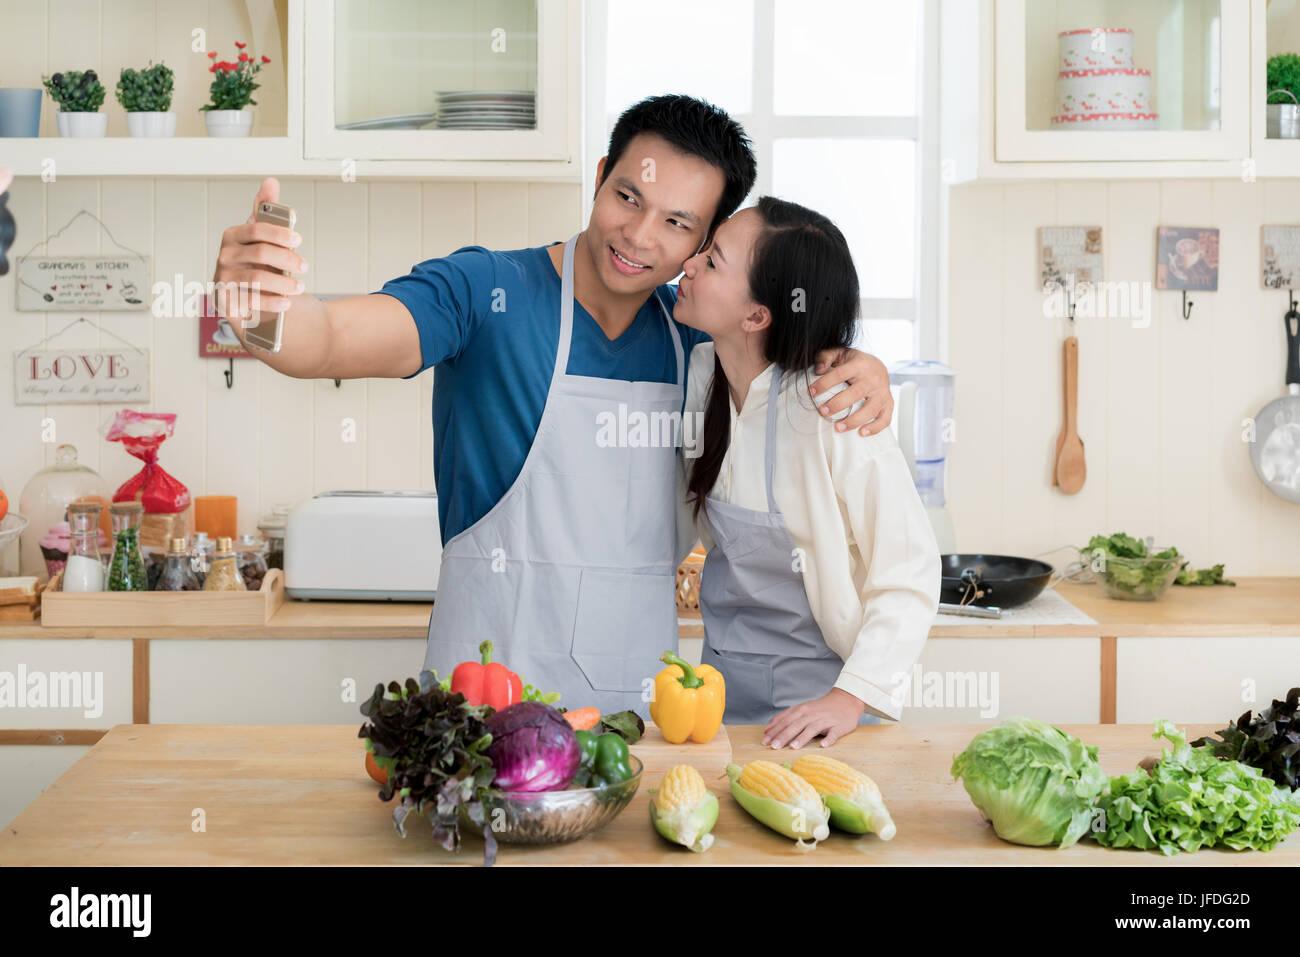 Beau mec asiatique est souriant et la cuisine dans la cuisine tout en le faisant à l'aide à domicile Photo Stock